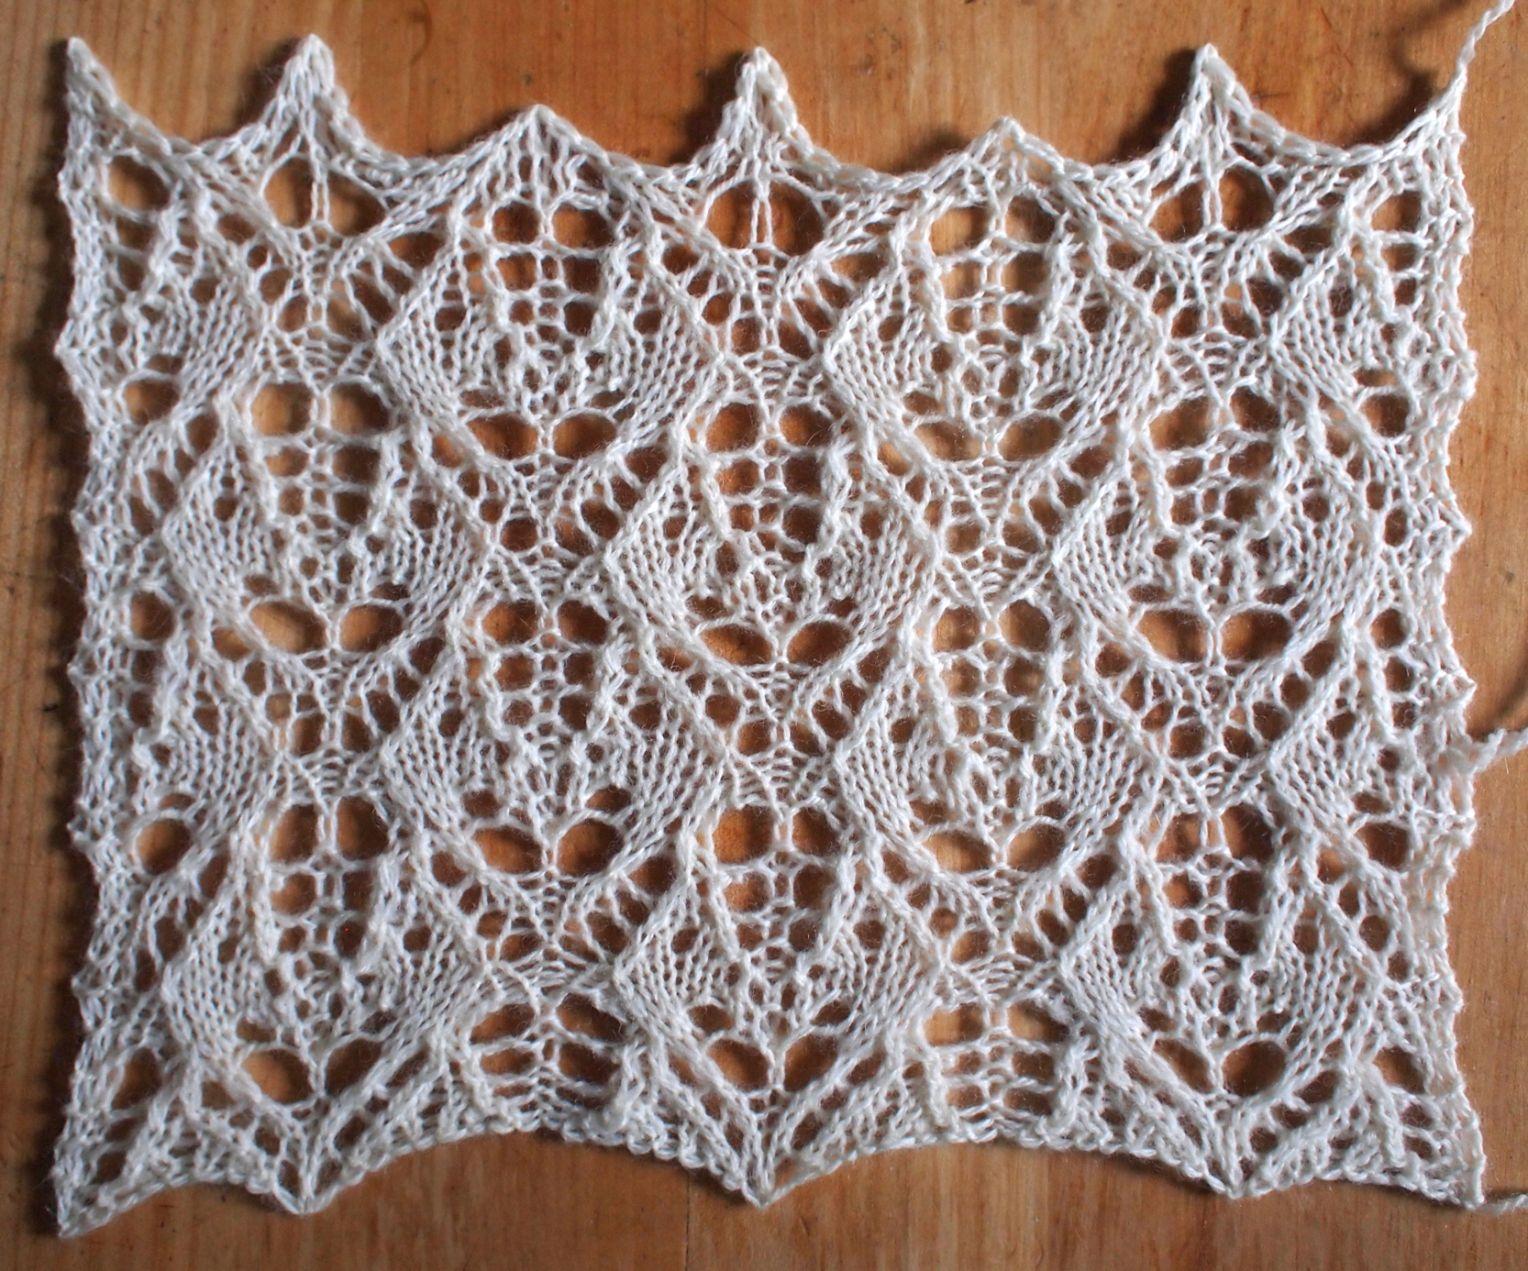 Knitting Lace Patterns Free : Heatwave a free lace knitting stitch pattern